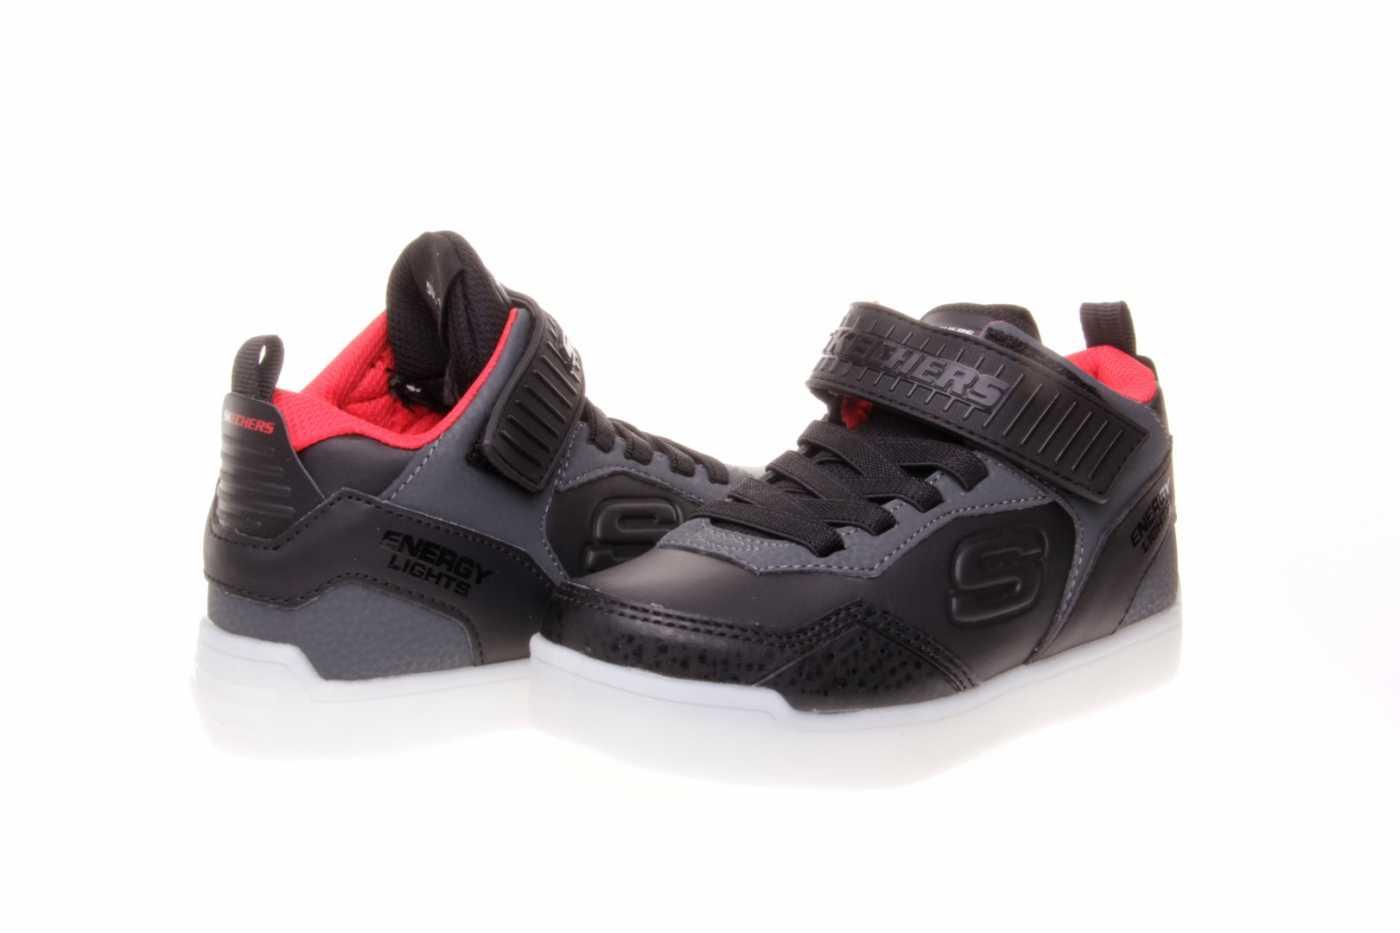 ffd9b221 Comprar zapato tipo JOVEN NIÑO estilo BOTAS COLOR NEGRO SINTETICO ...